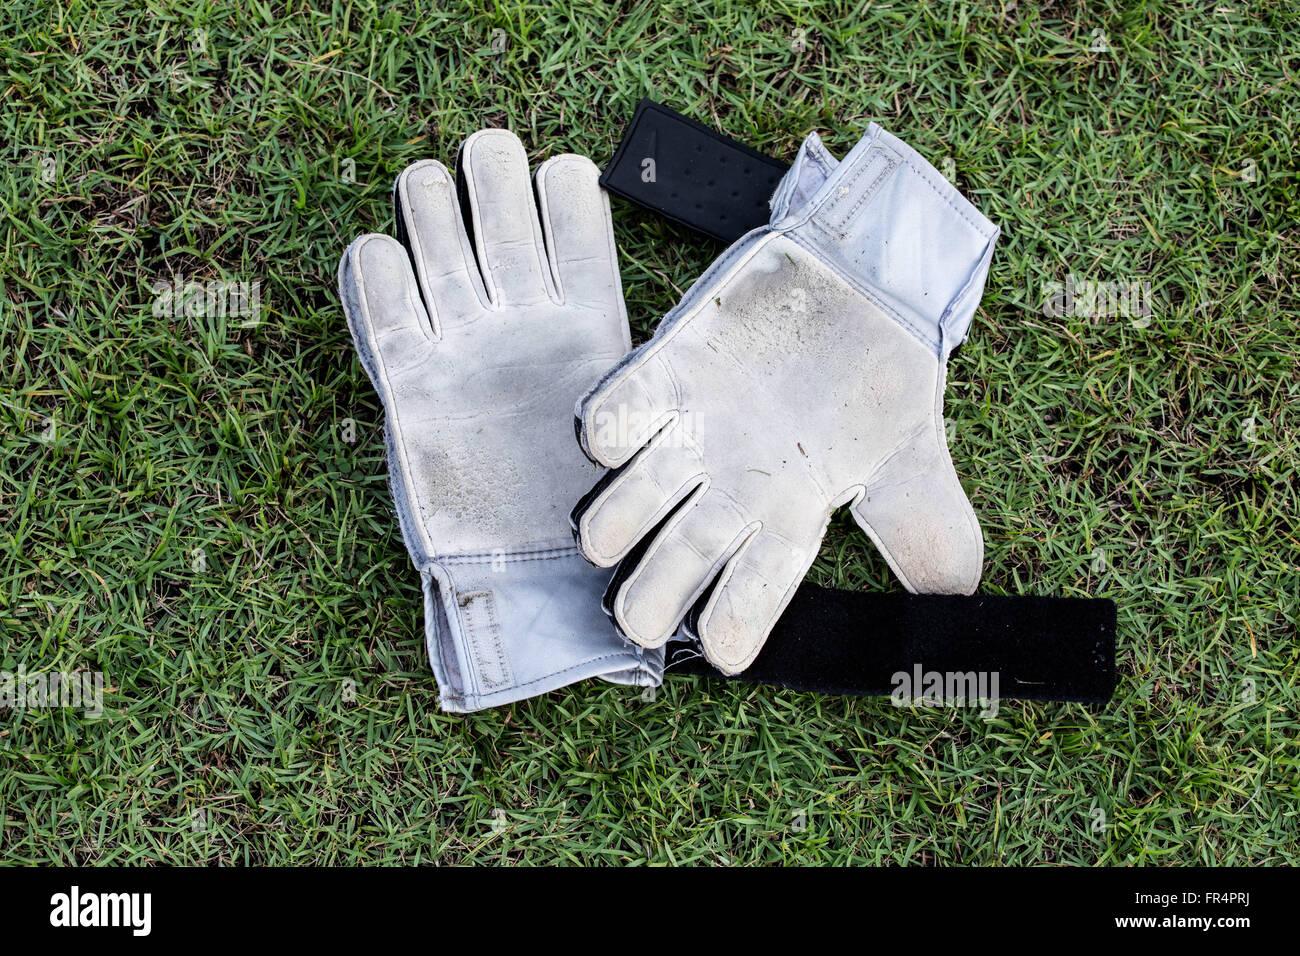 Goalkeeper Gloves - Stock Image